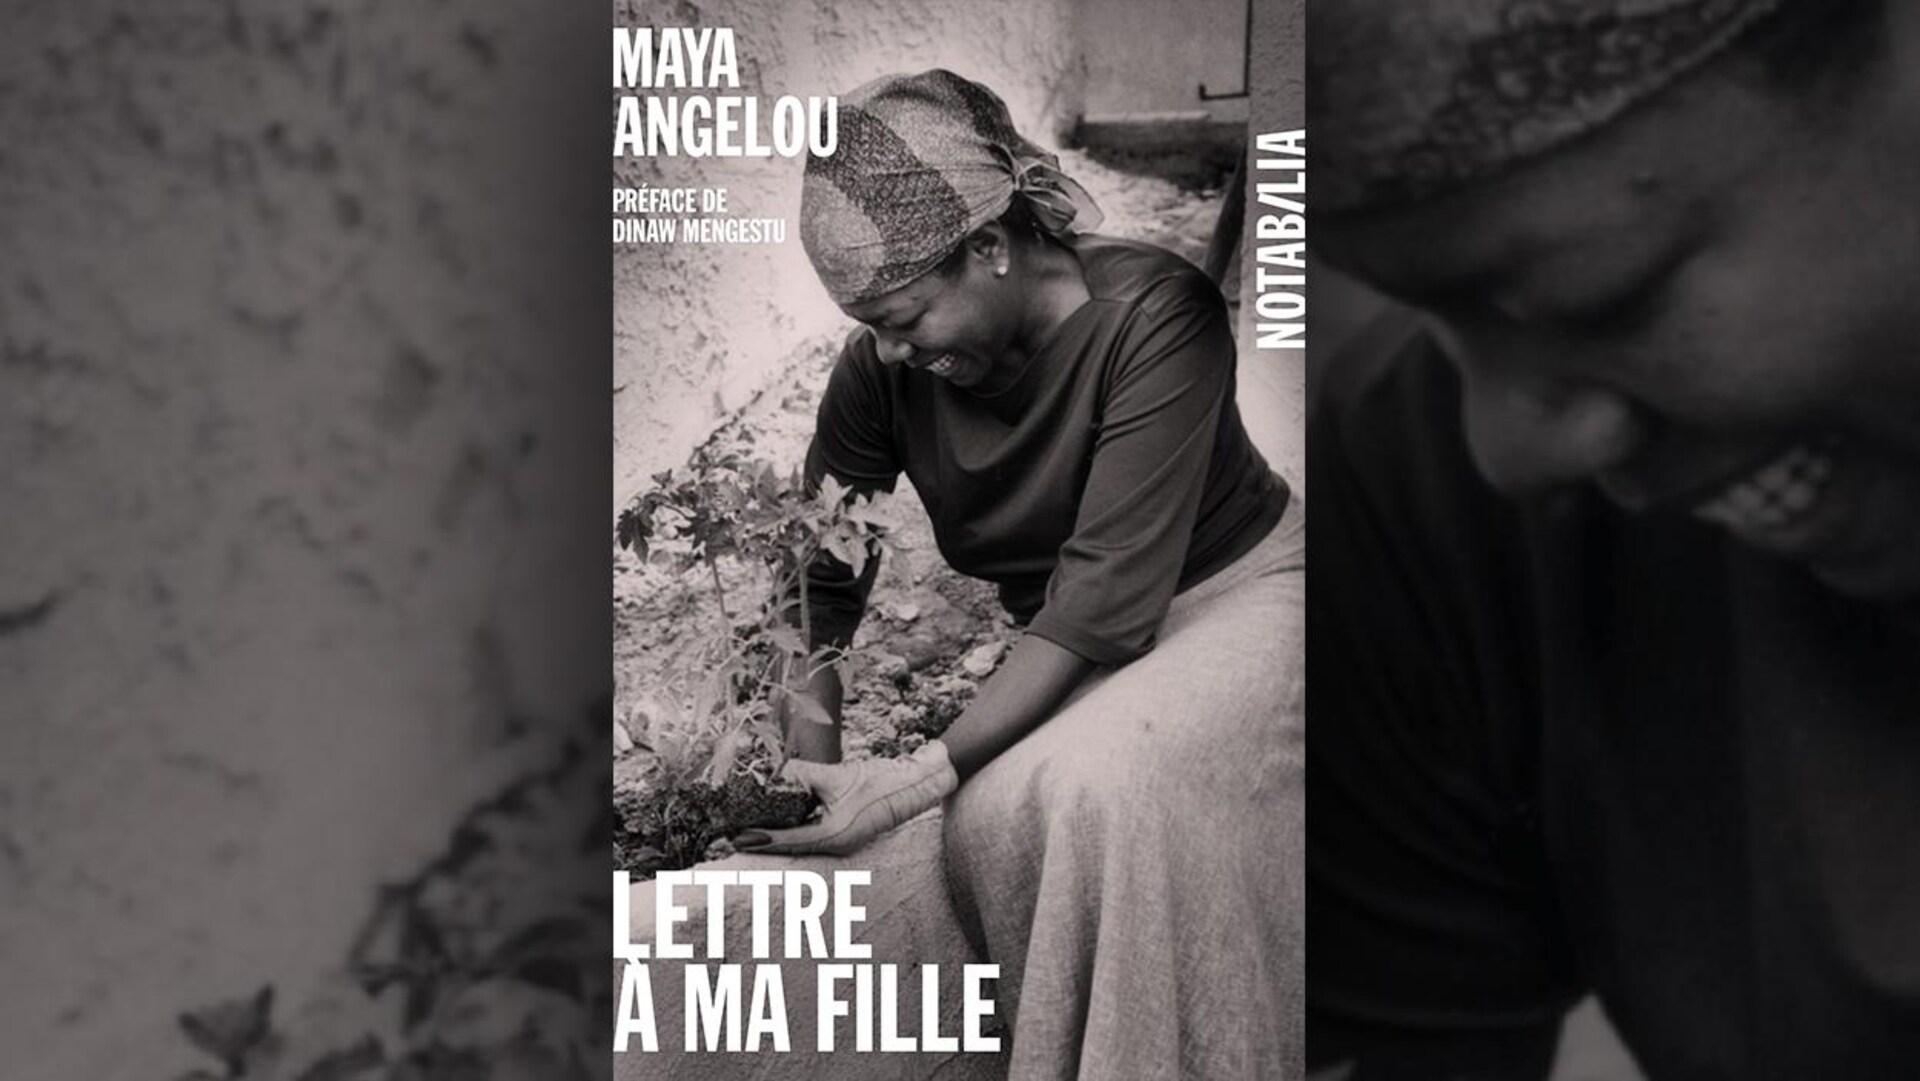 La couverture du livre  Lettre à ma fille  de Maya Angelou : photo en noir et blanc d'une femme noire en train de jardiner.